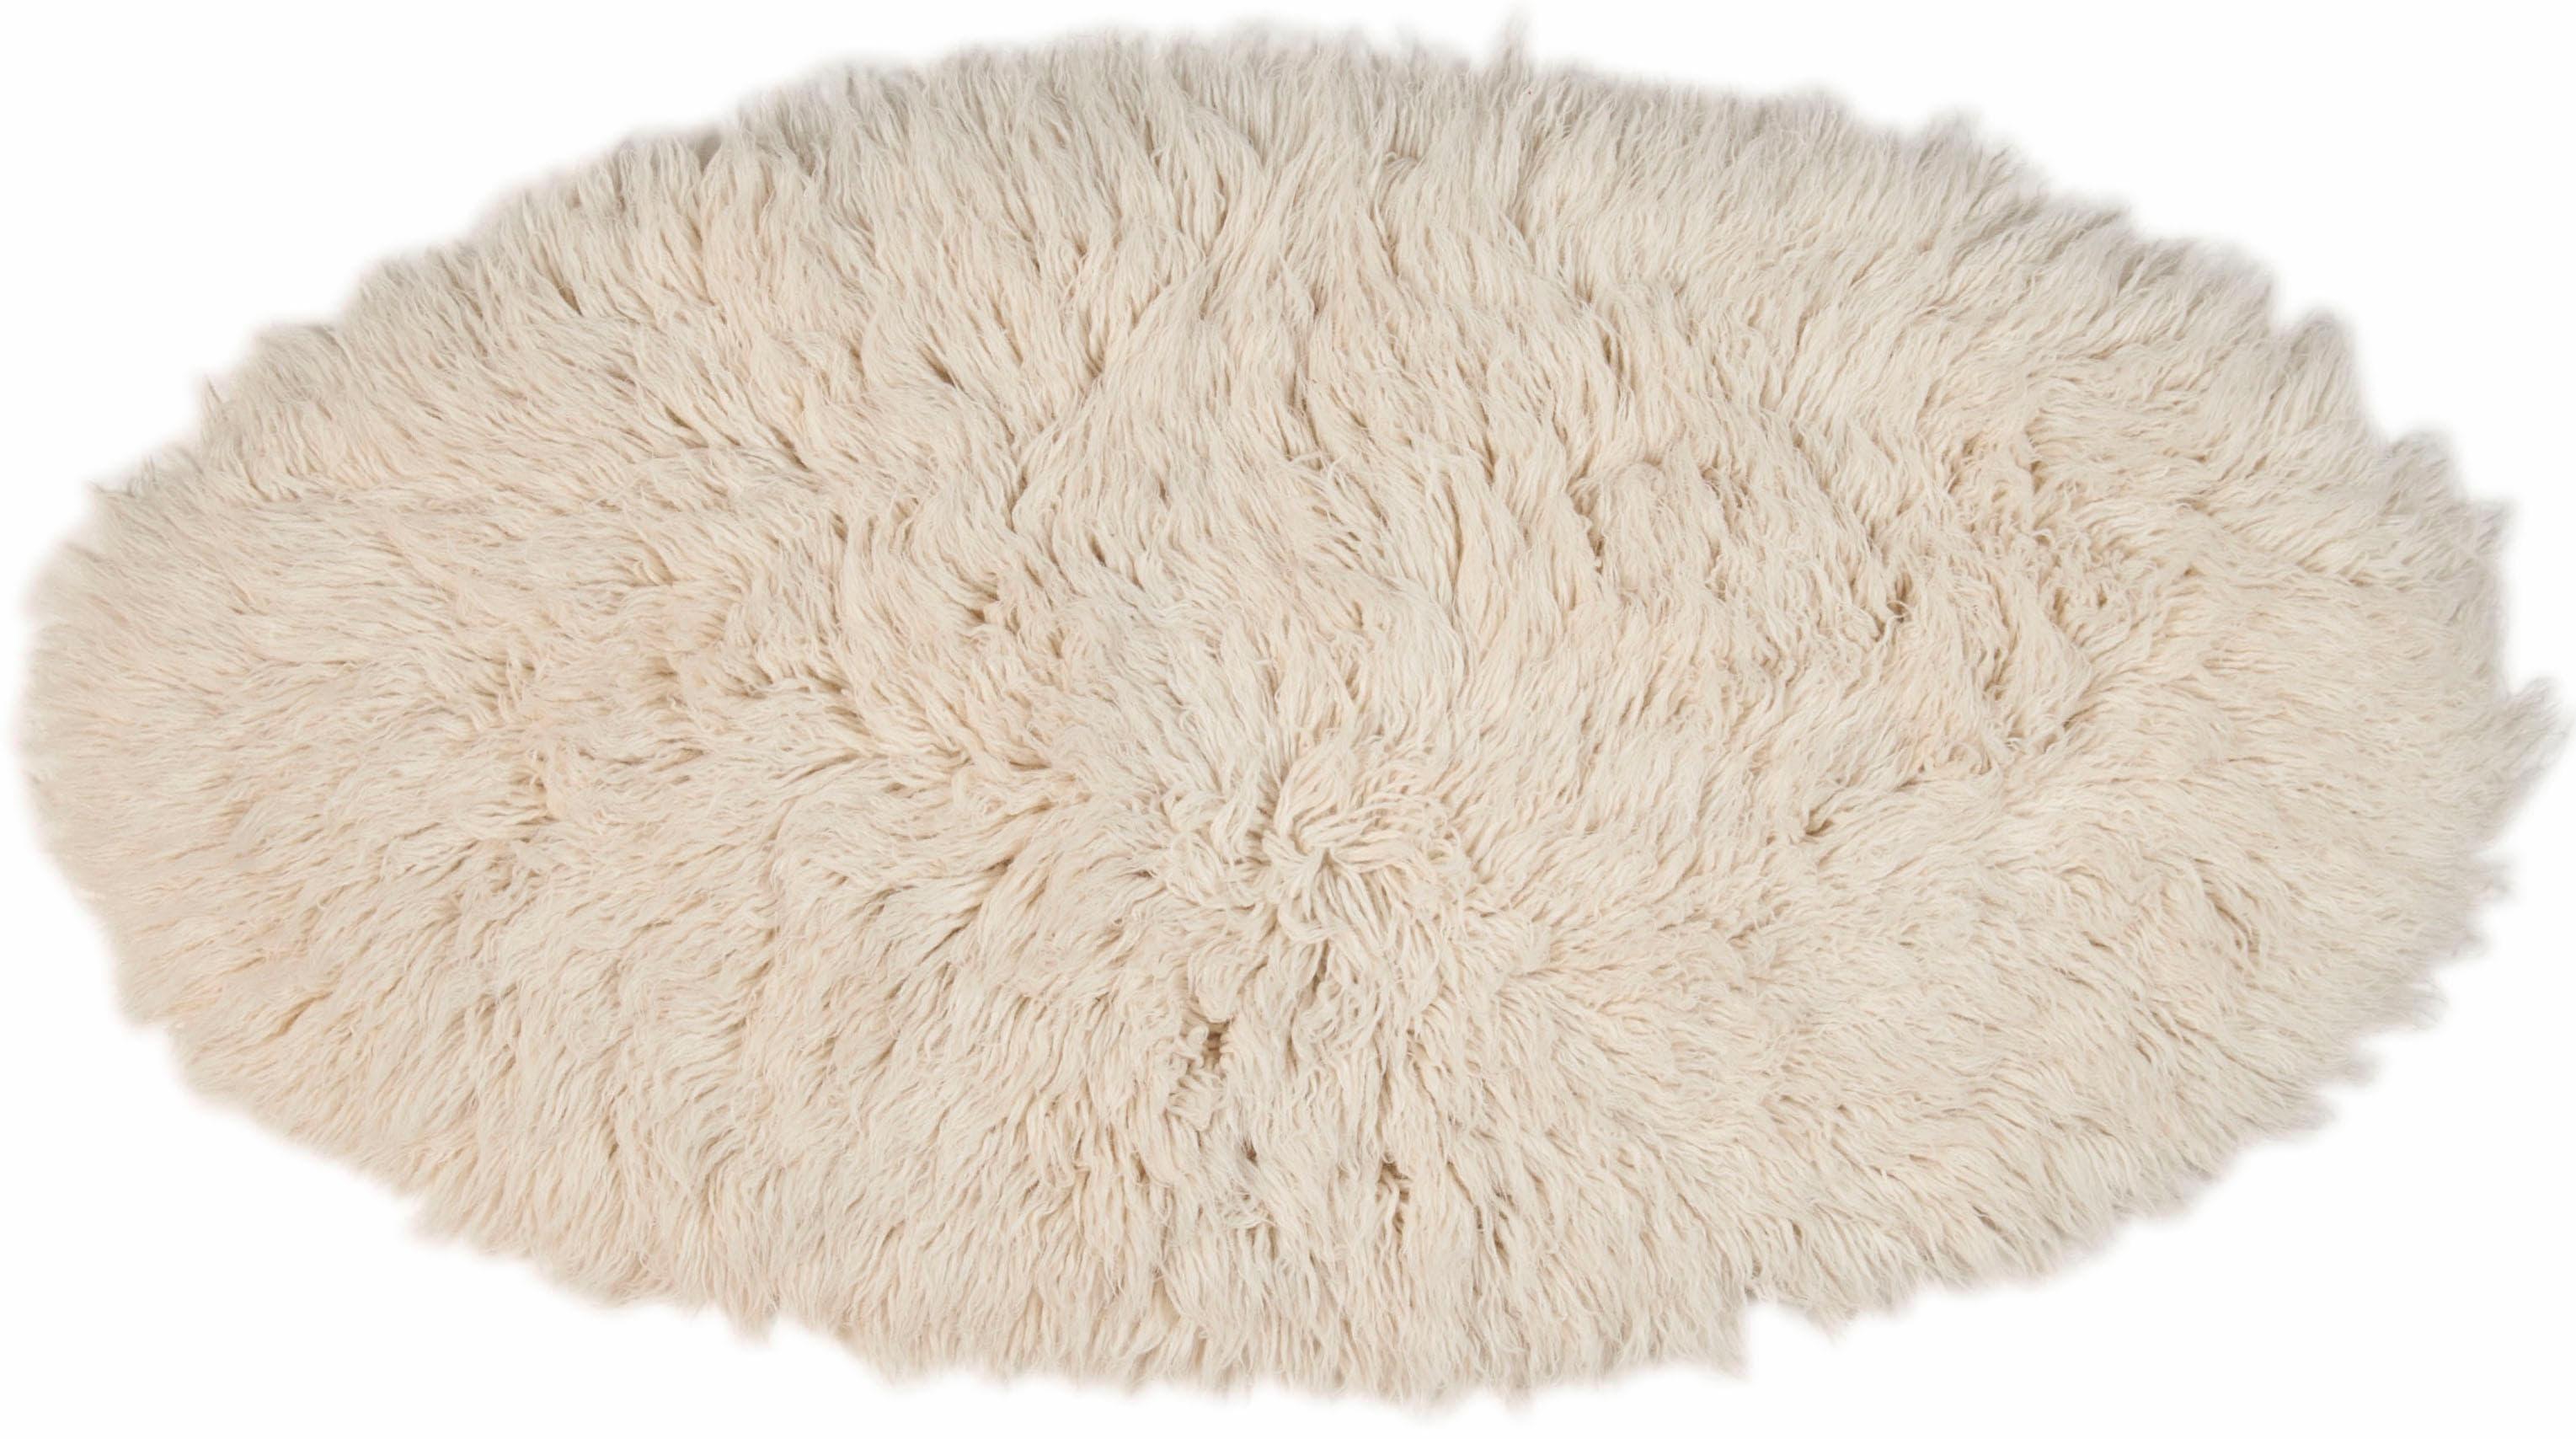 Hochflor-Teppich Flokos 2 Theko Exklusiv oval Höhe 61 mm handgewebt